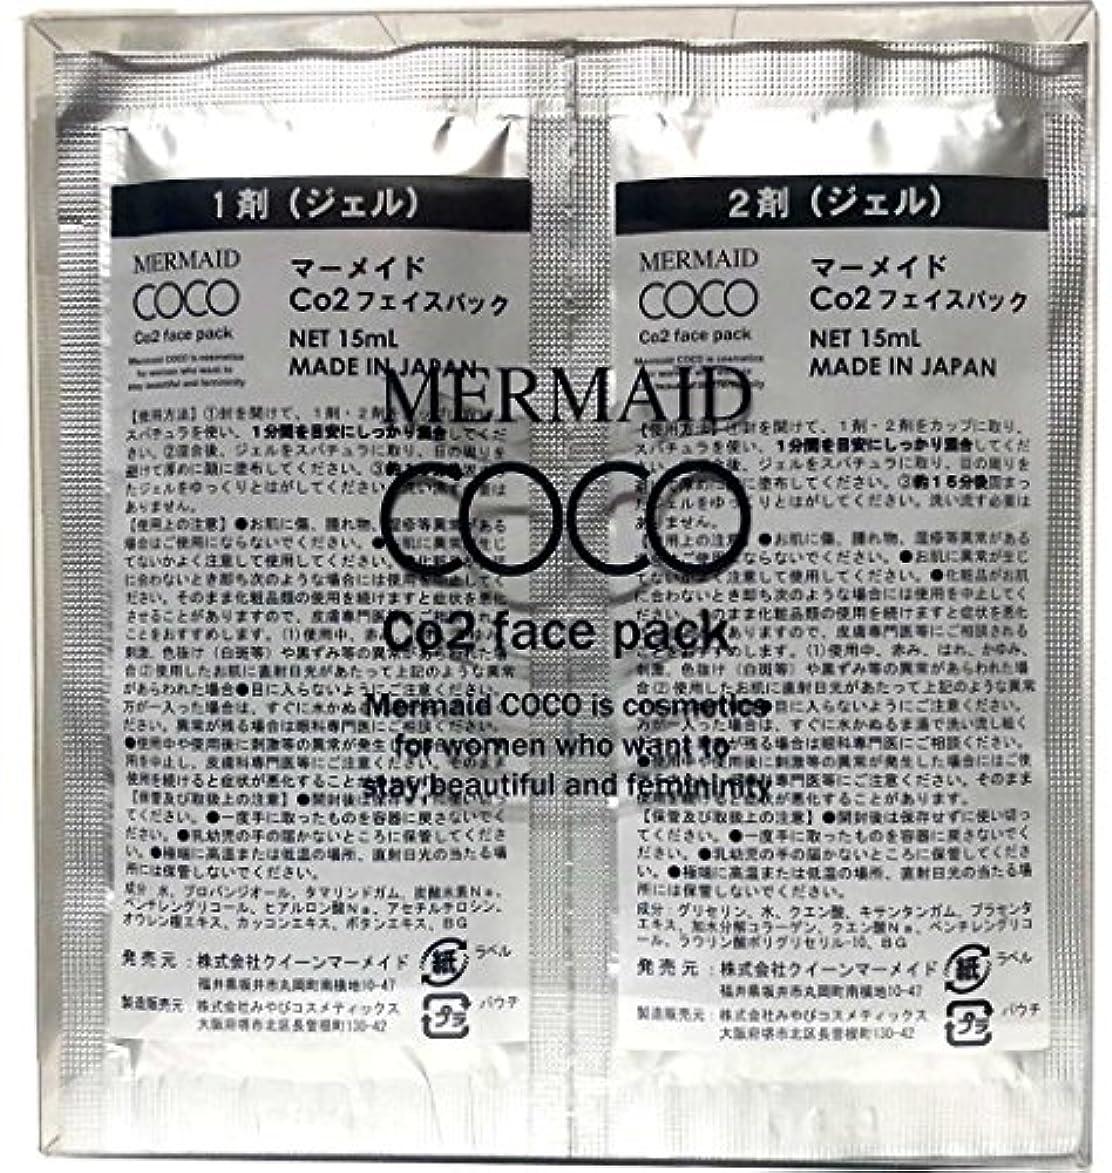 法律によりデッドシンジケートマーメイド ココ  MERMAID COCO Co2 フェイスパック 10回分